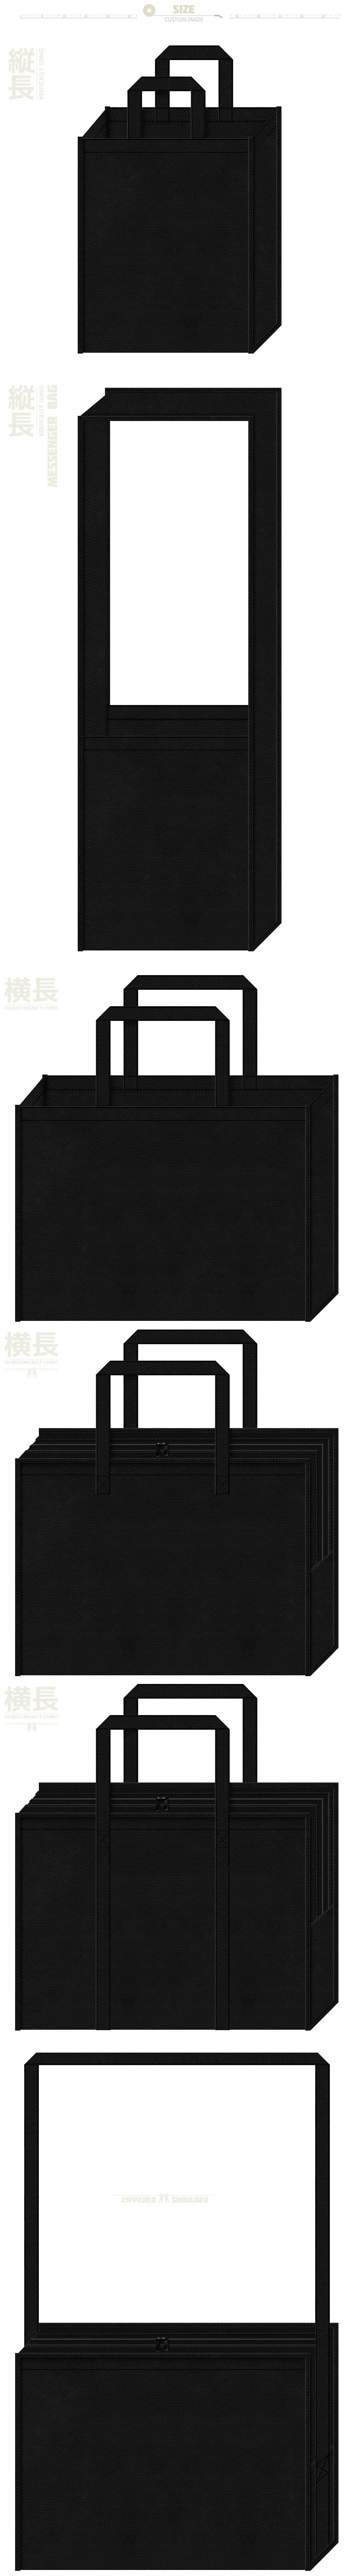 黒色の不織布トートバッグ